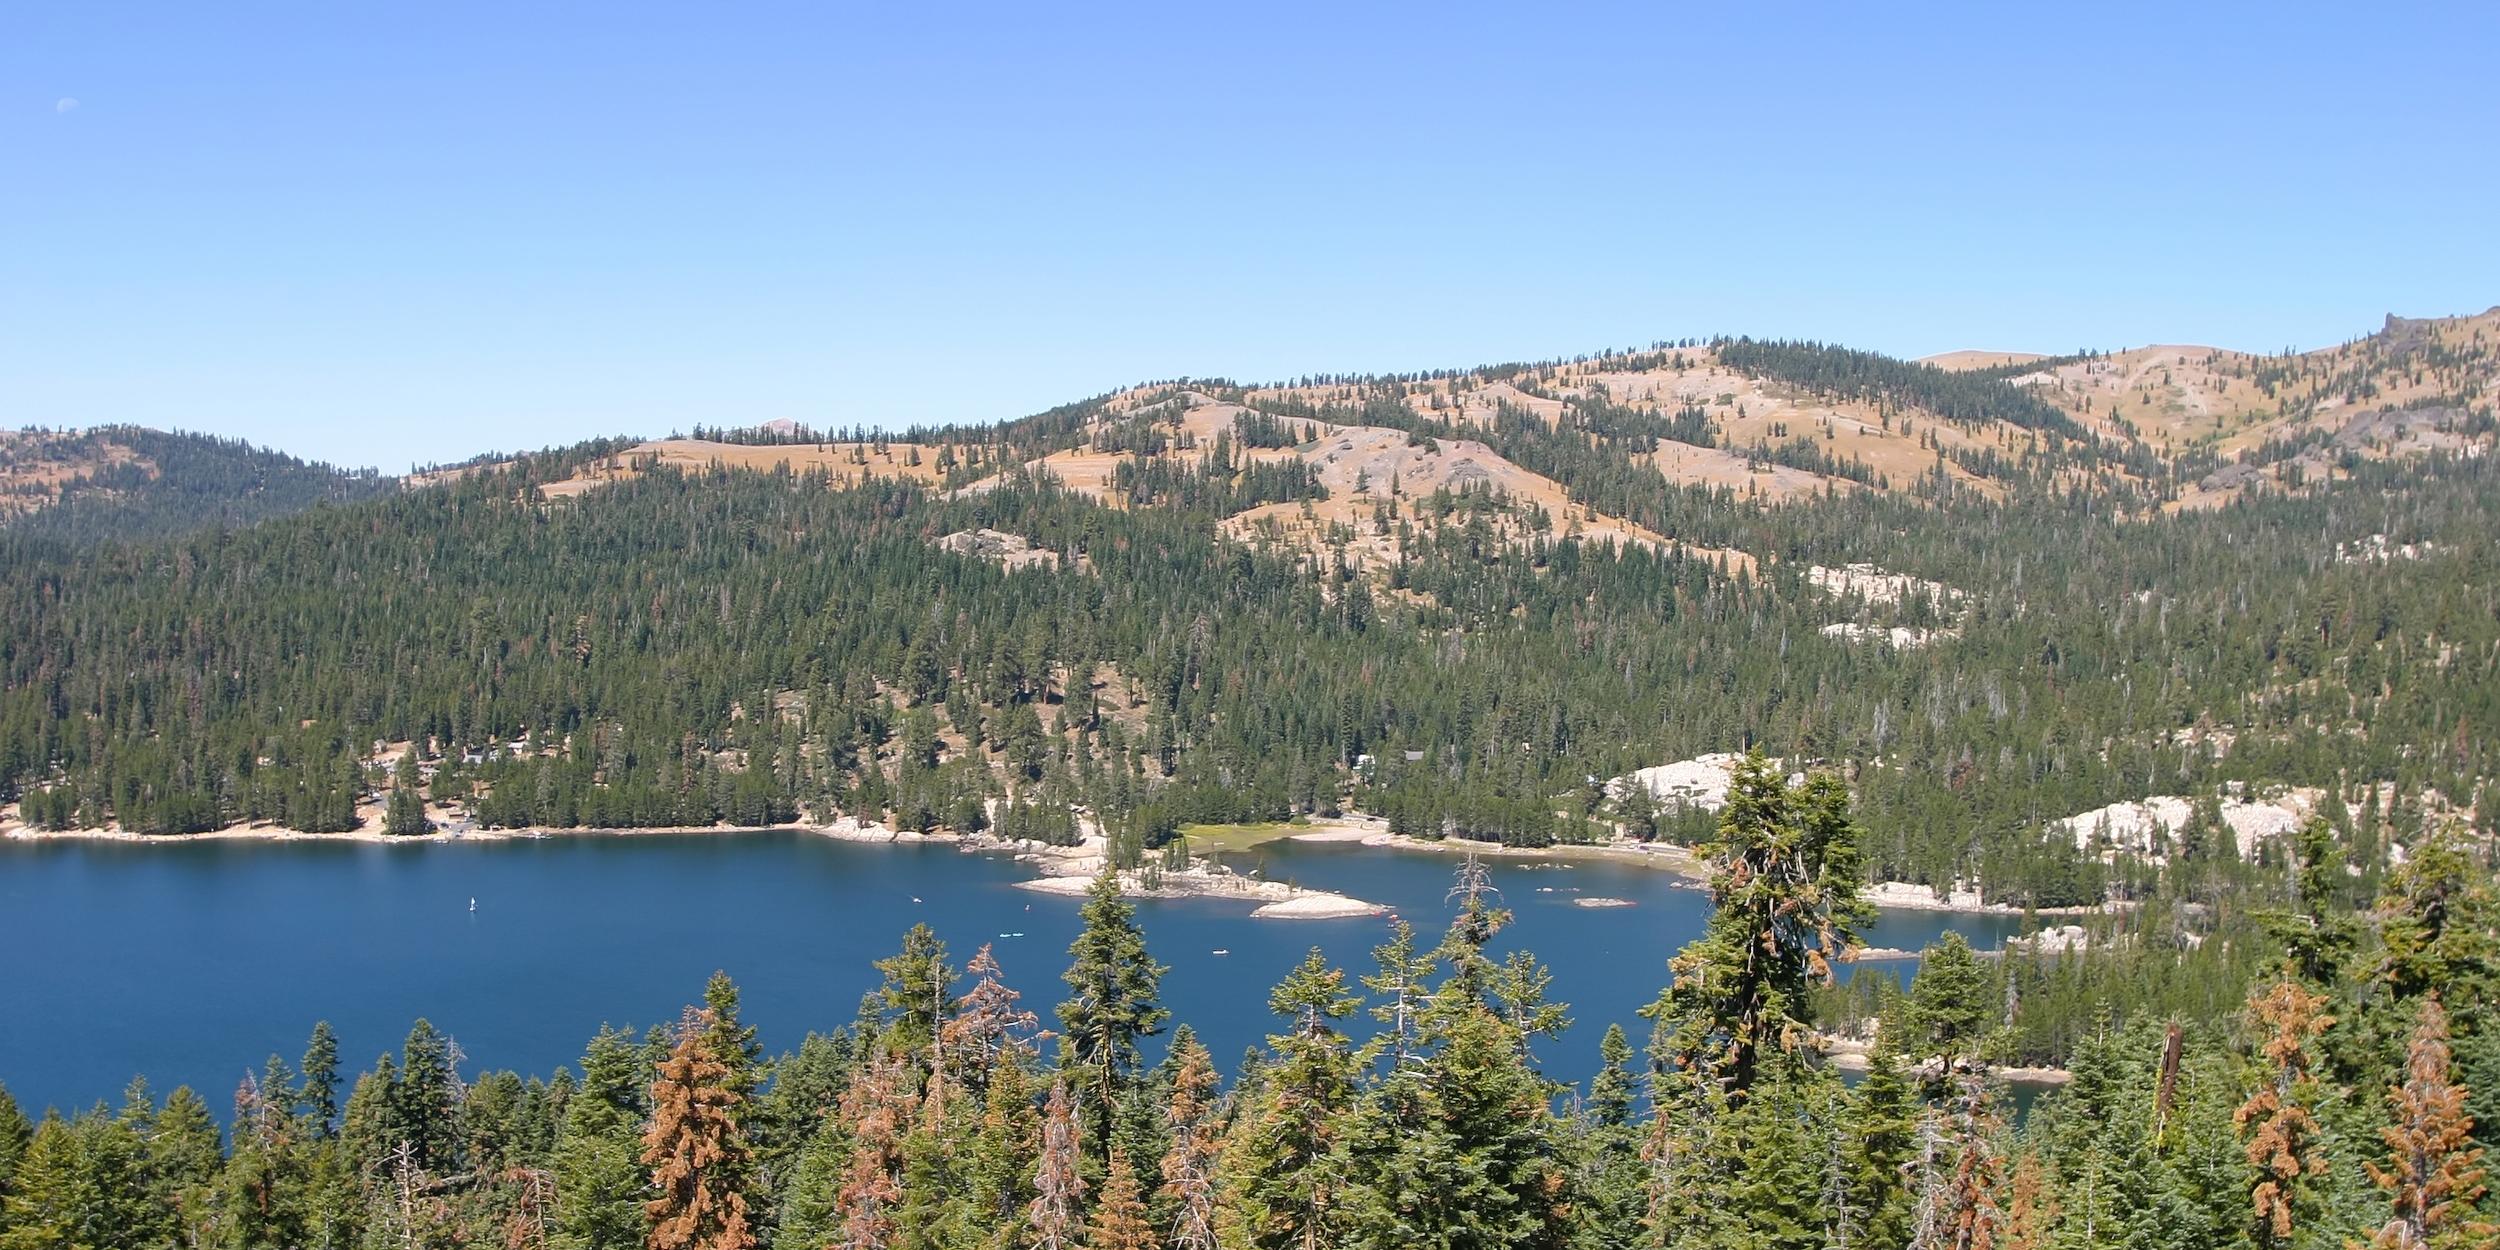 Bear Valley Ca >> Visiting Bear Valley California In Summer Or Winter Via